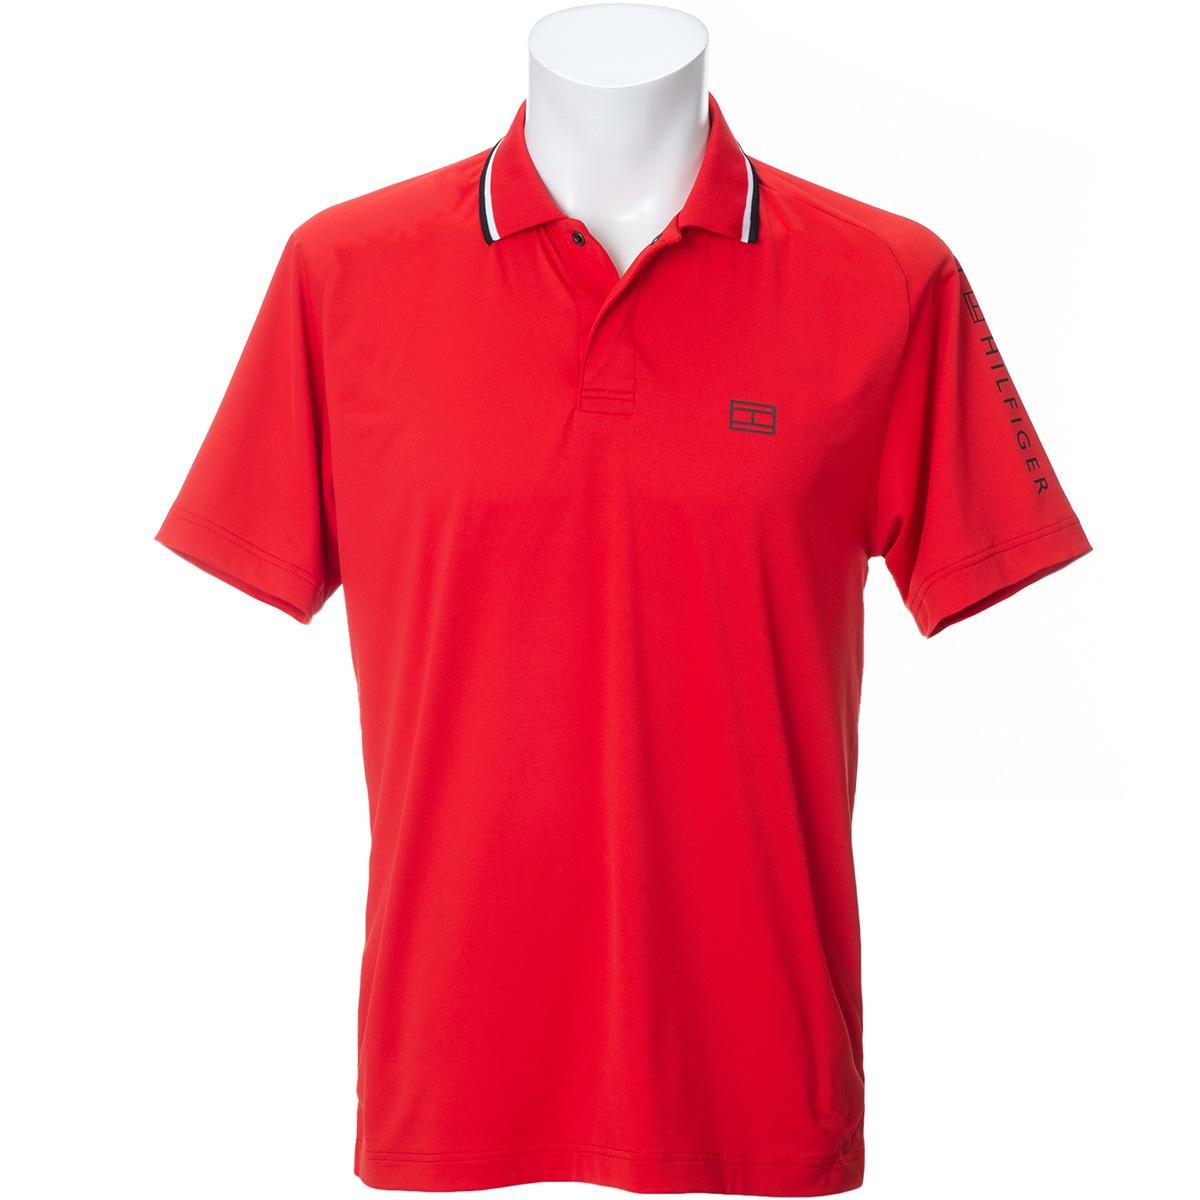 モノクローム 半袖ポロシャツ